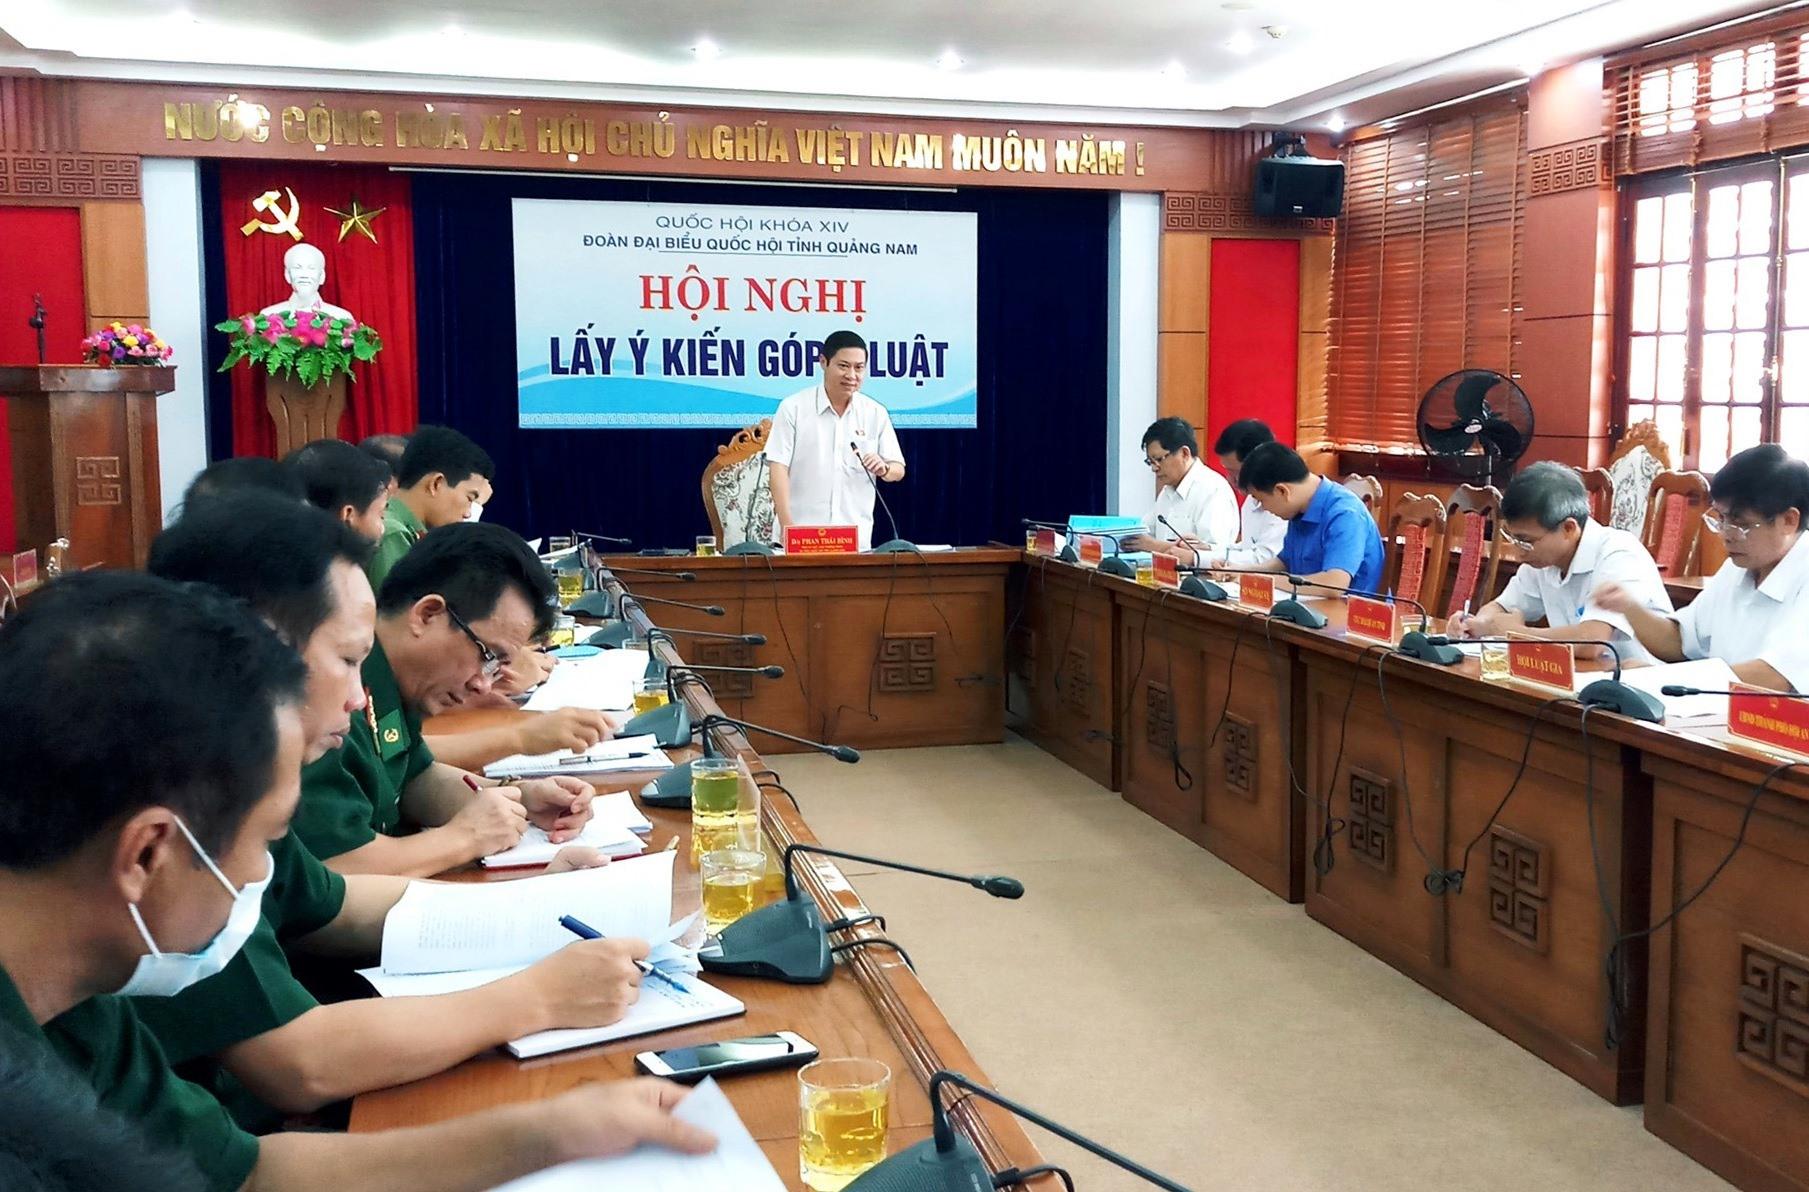 Phó trưởng Đoàn Đại biểu Quốc hội tỉnh Phan Thái Bình chủ trì buổi hội nghị lấy ý kiến. Ảnh: A.N